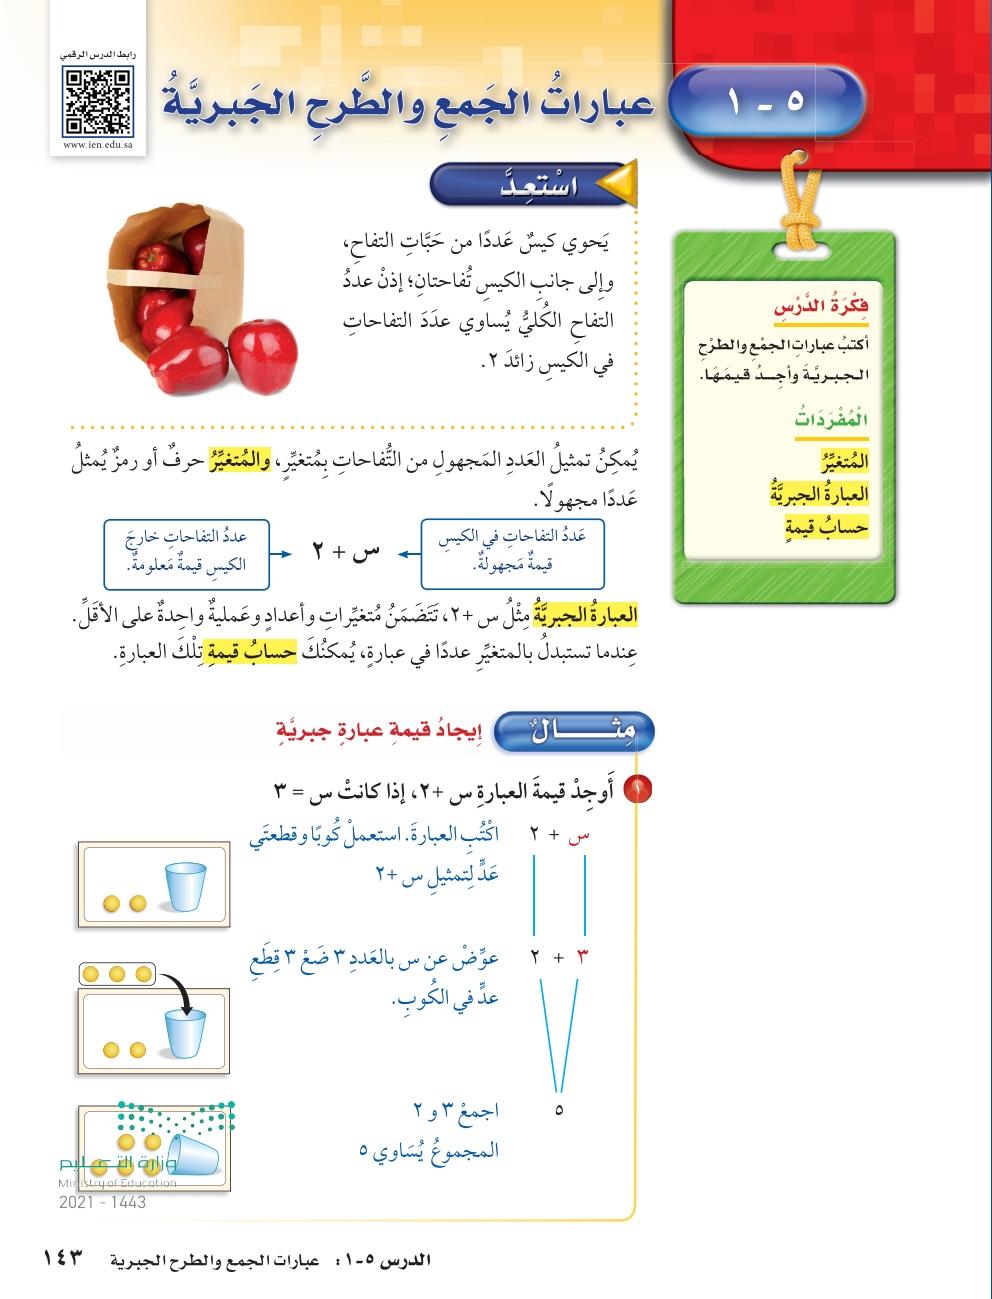 5-1 عبارات الجمع والطرح الجبرية